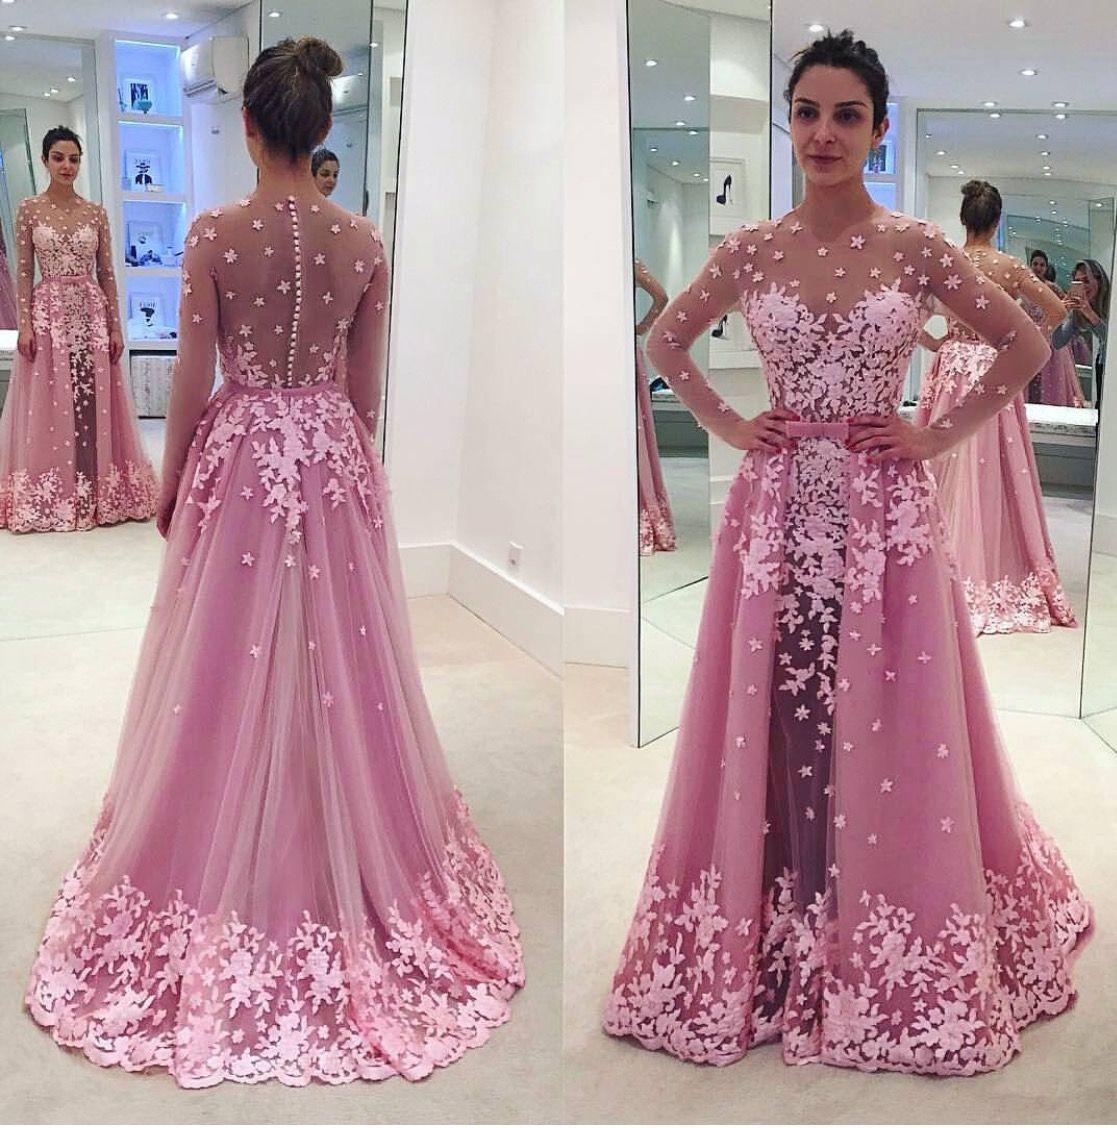 Excepcional Cómo Hacer Un Vestido De Fiesta Cinta Adhesiva ...